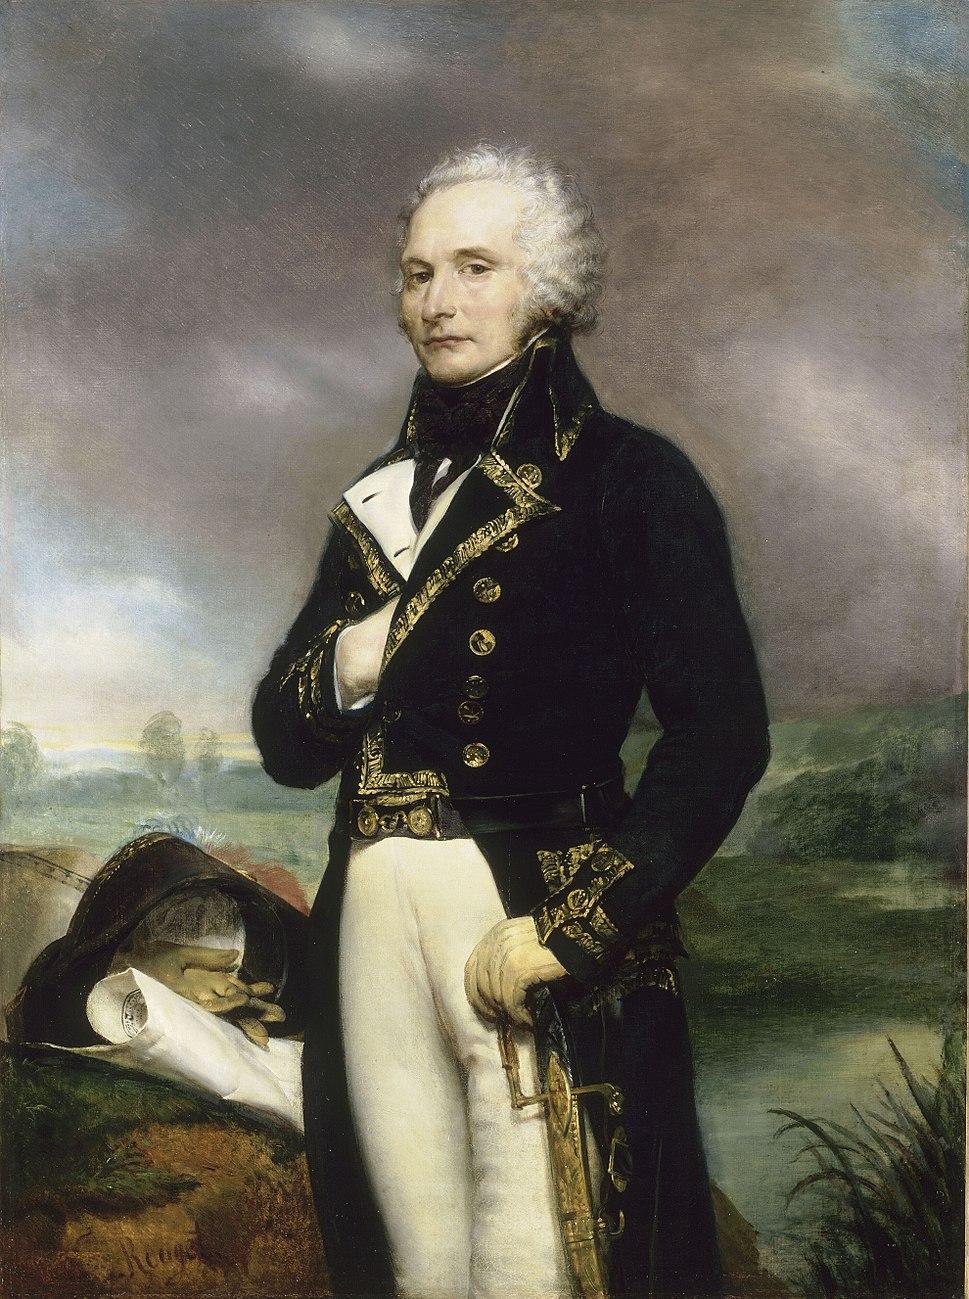 Général ALEXANDRE FRANCOIS MARIE DE BEAUHARNAIS (1760-1794)